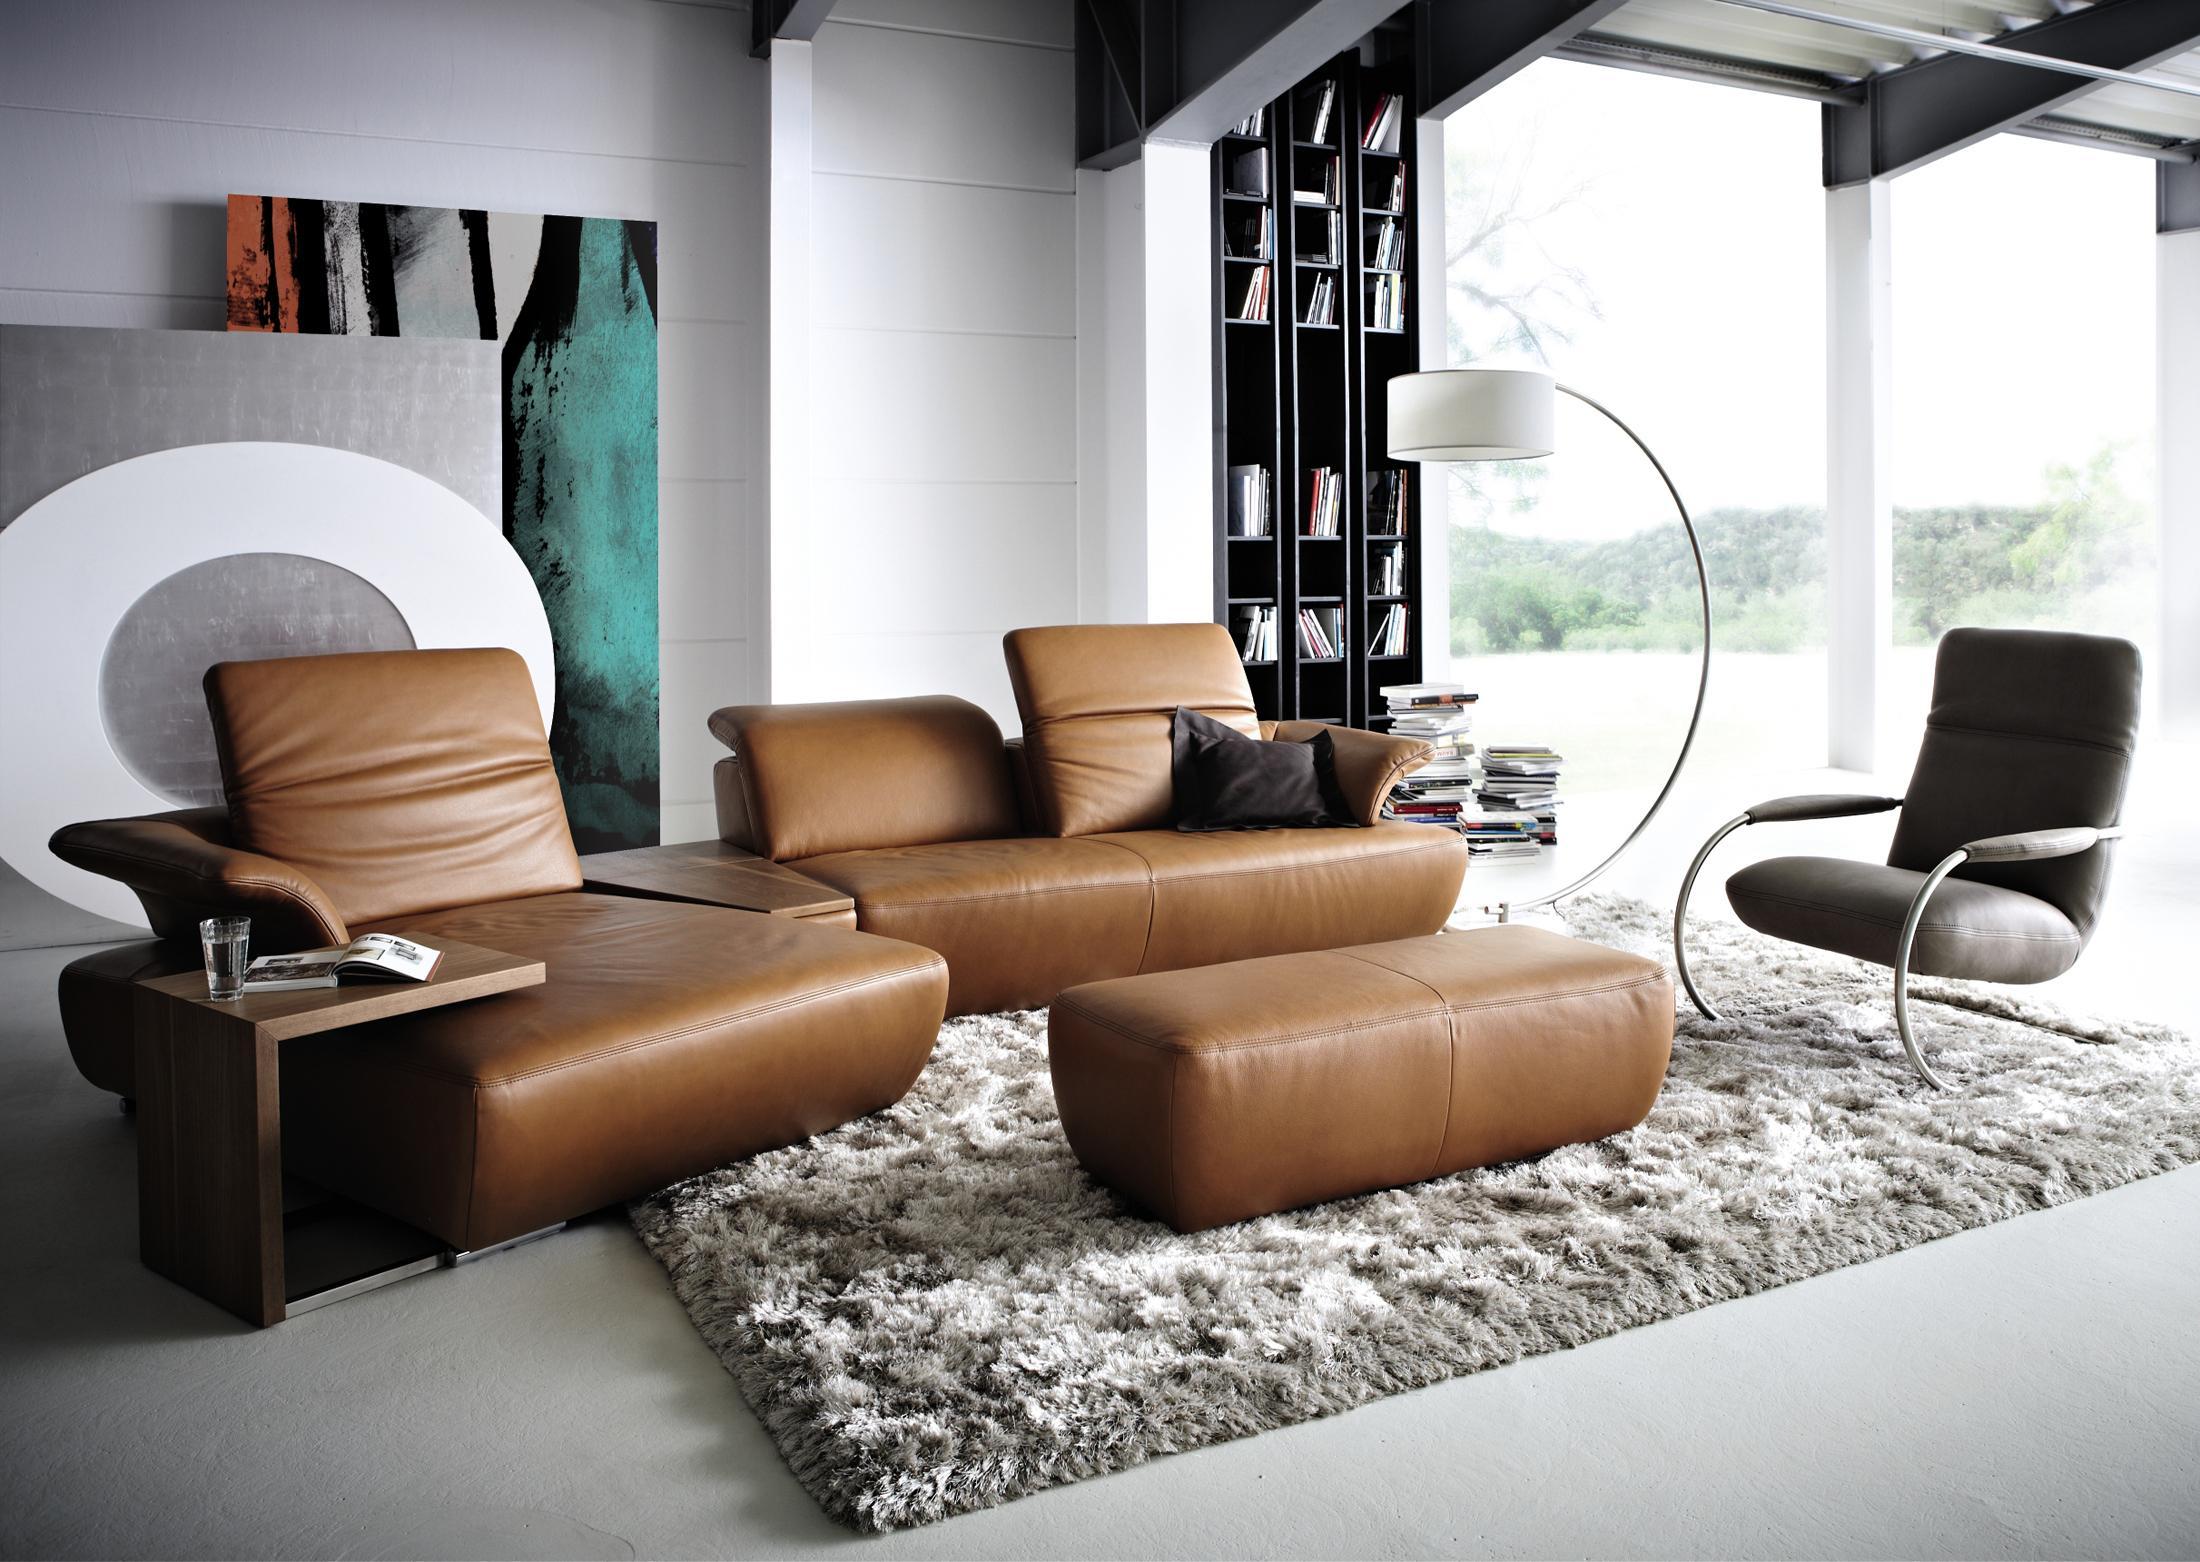 Wohnzimmer braunes sofa  Braunes Sofa • Bilder & Ideen • COUCHstyle